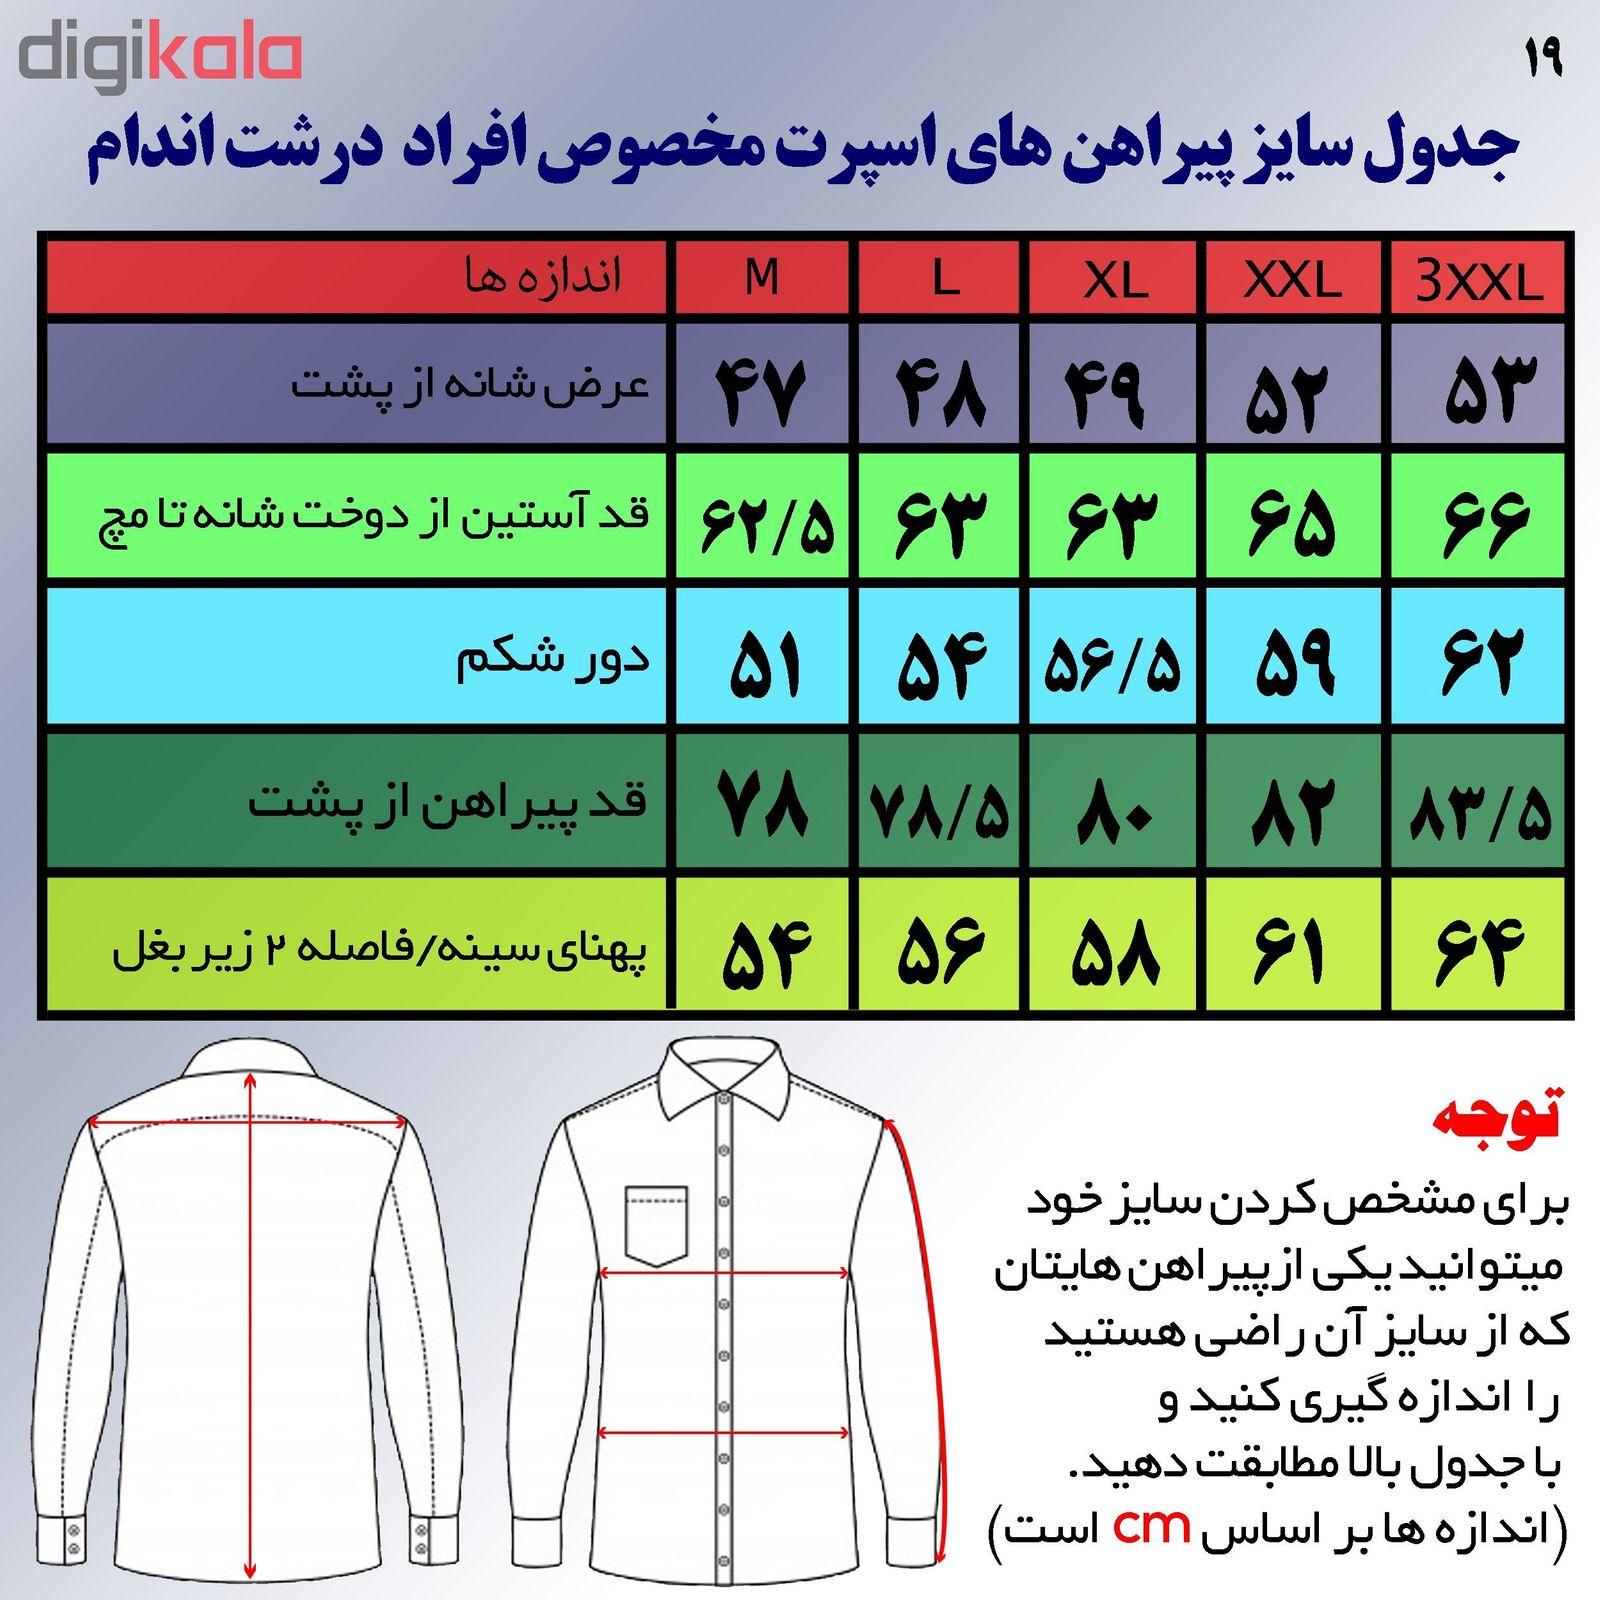 پیراهن مردانه پایتی جامه کد 1901516 main 1 1